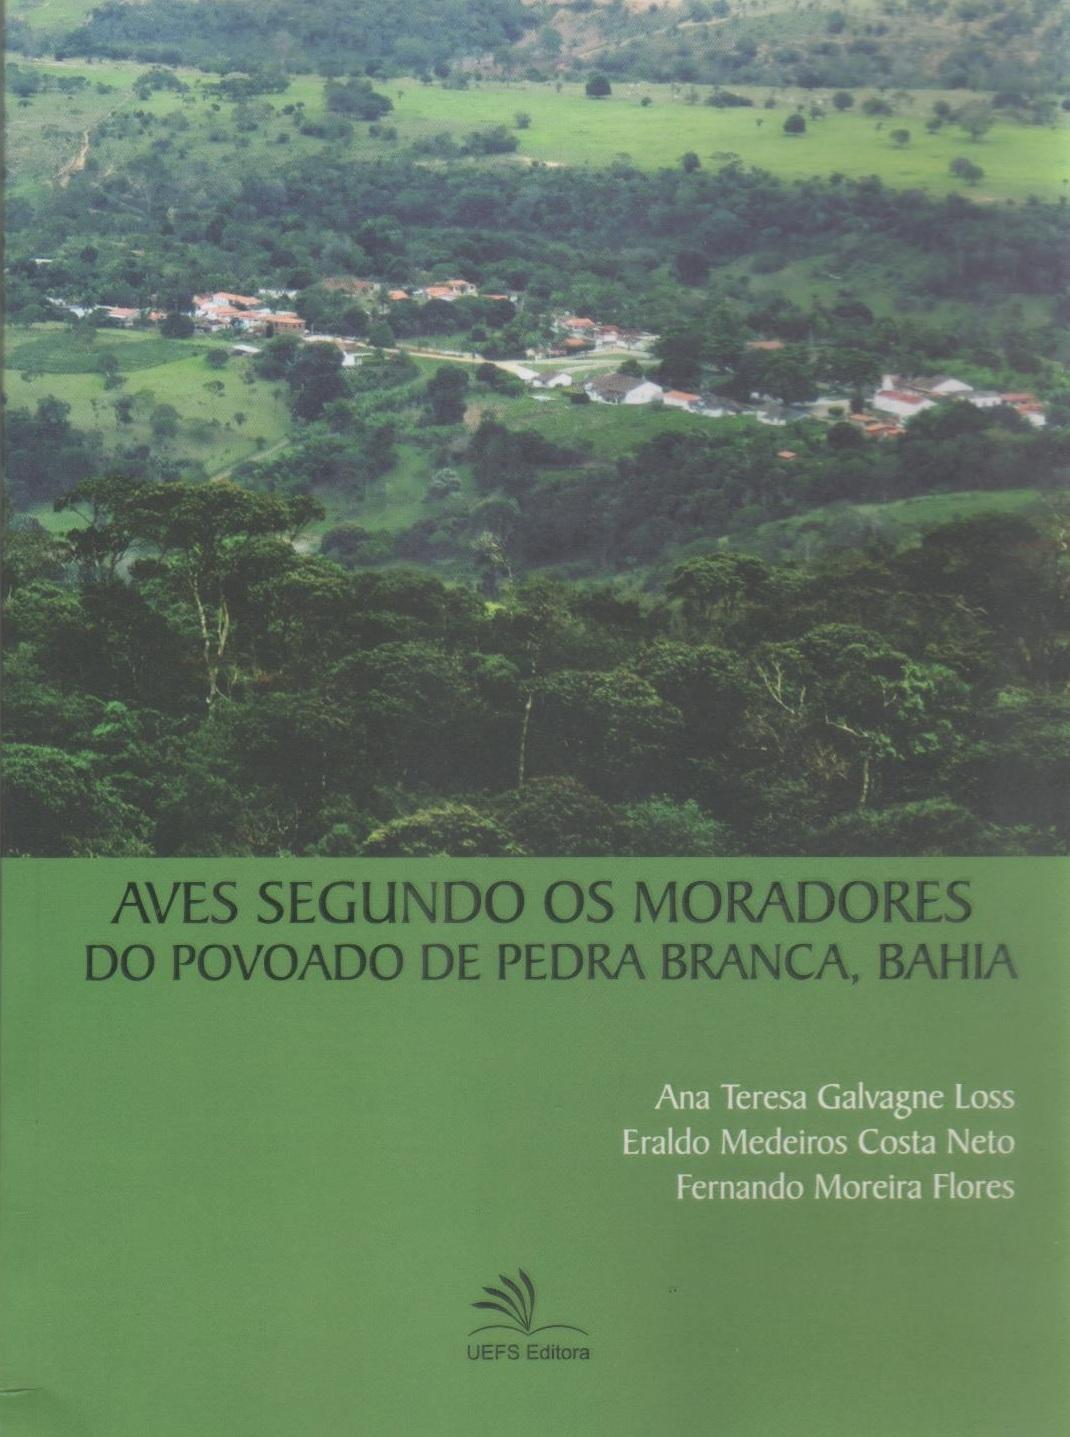 Aves segundo os moradores do povoado de Pedra Branca, Bahia, livro de Ana Teresa Galvagne Loss, Eraldo Medeiros Costa Neto, Fernando Moreira Flores